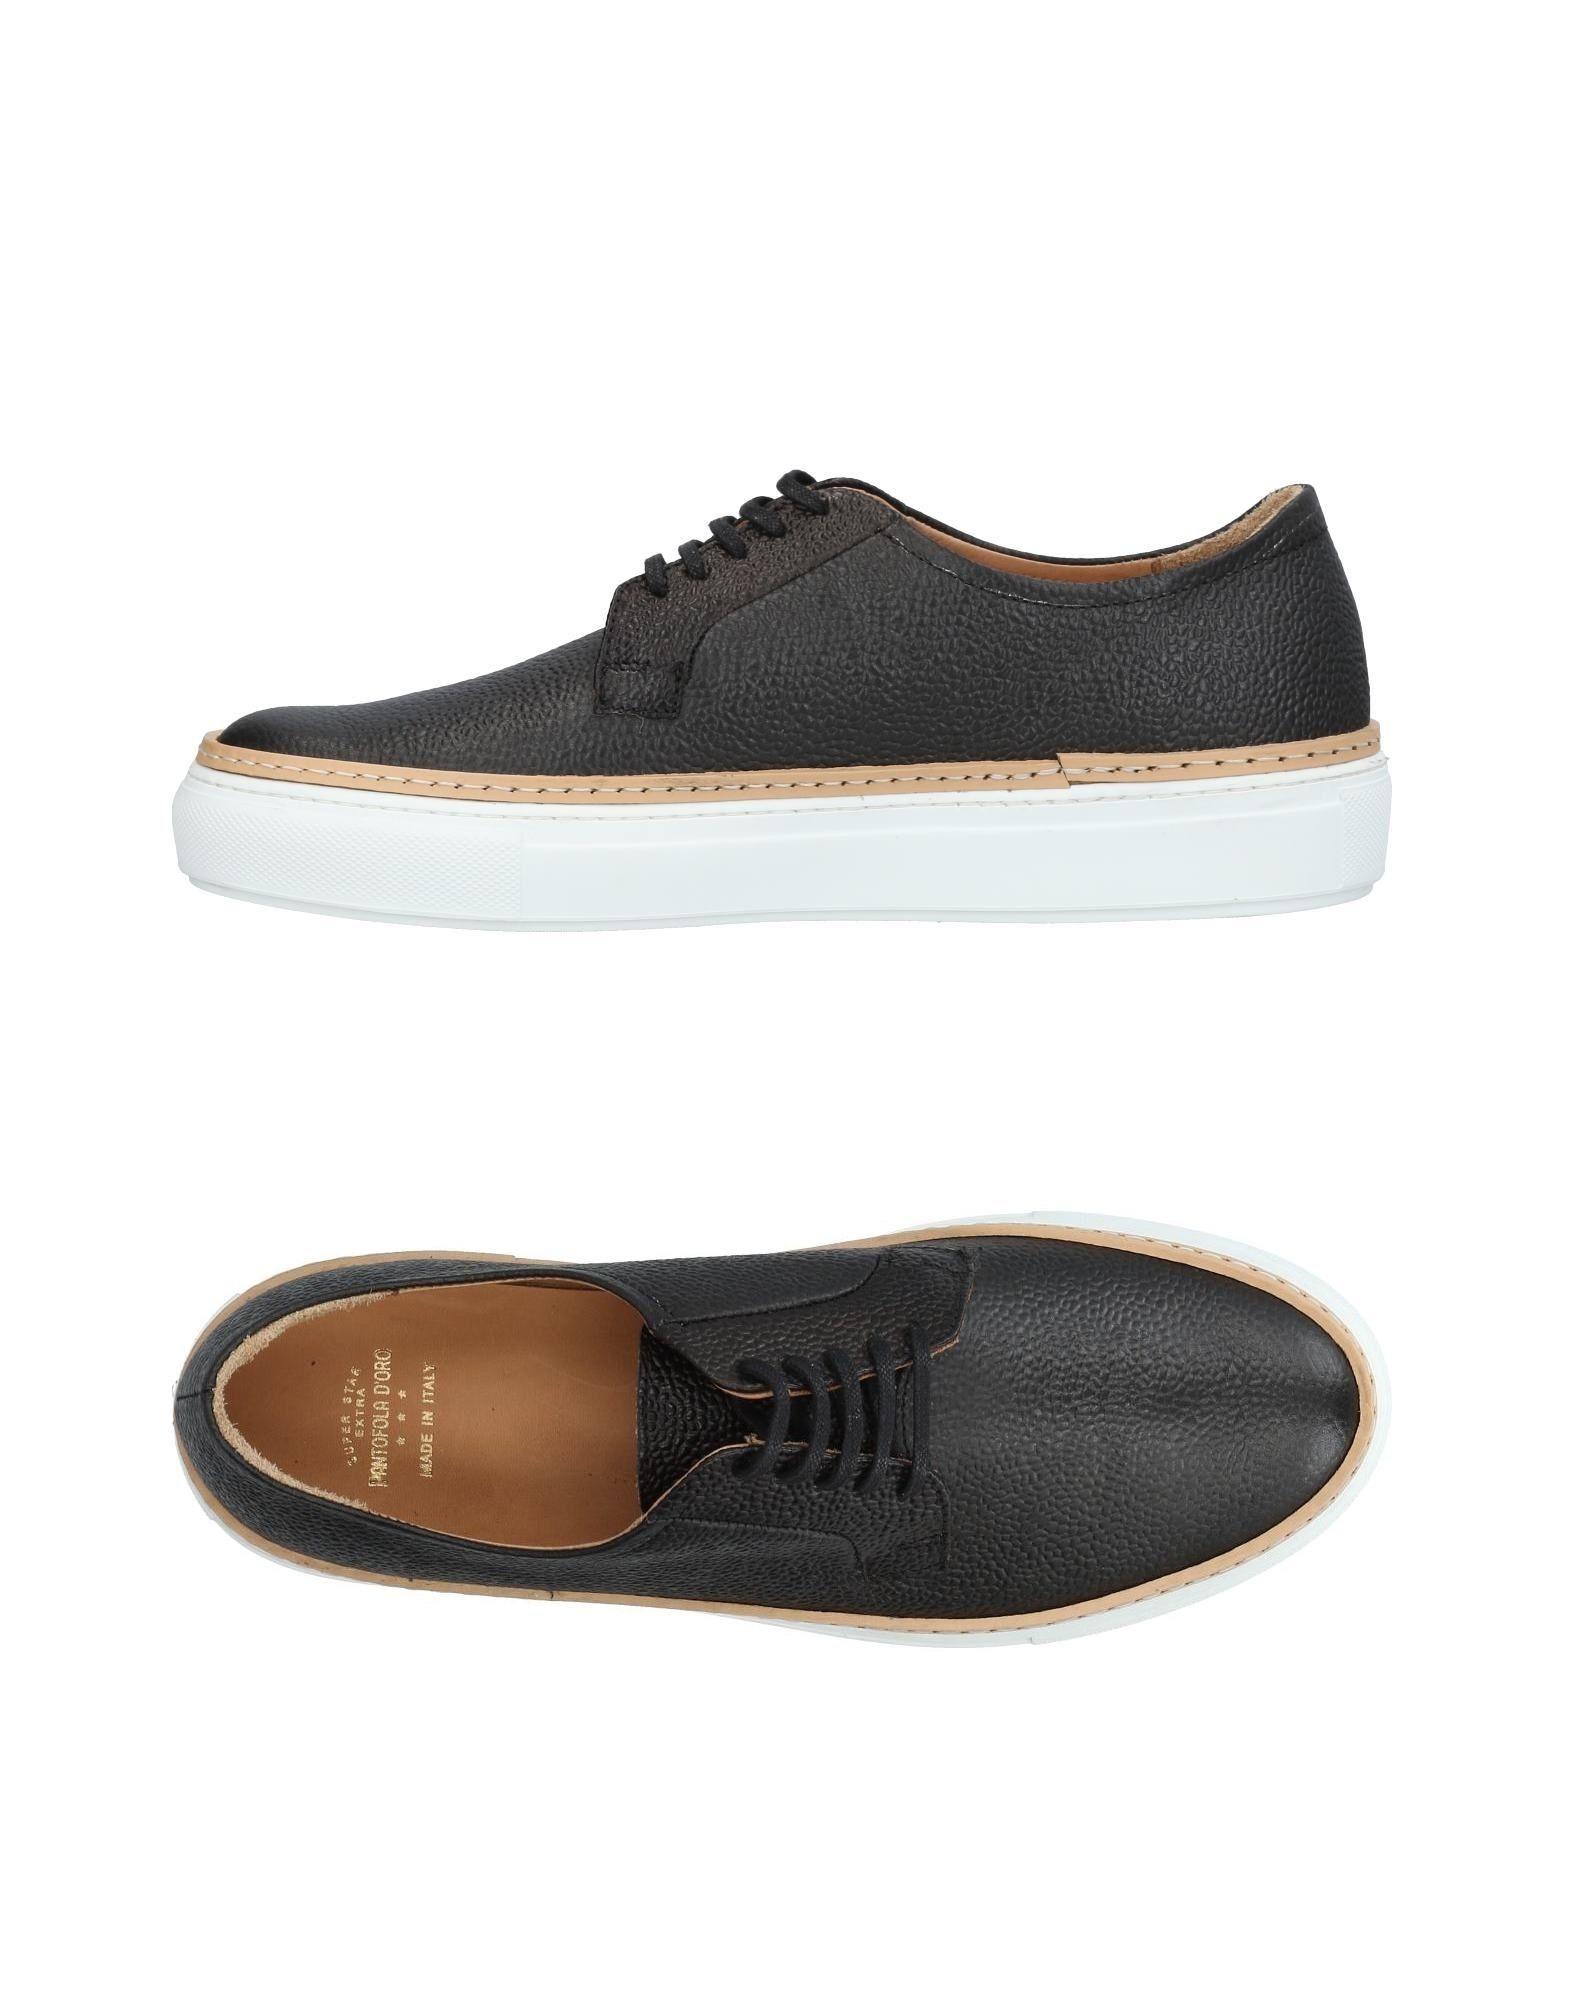 Stringate Pantofola D'oro Uomo - 11455564GI